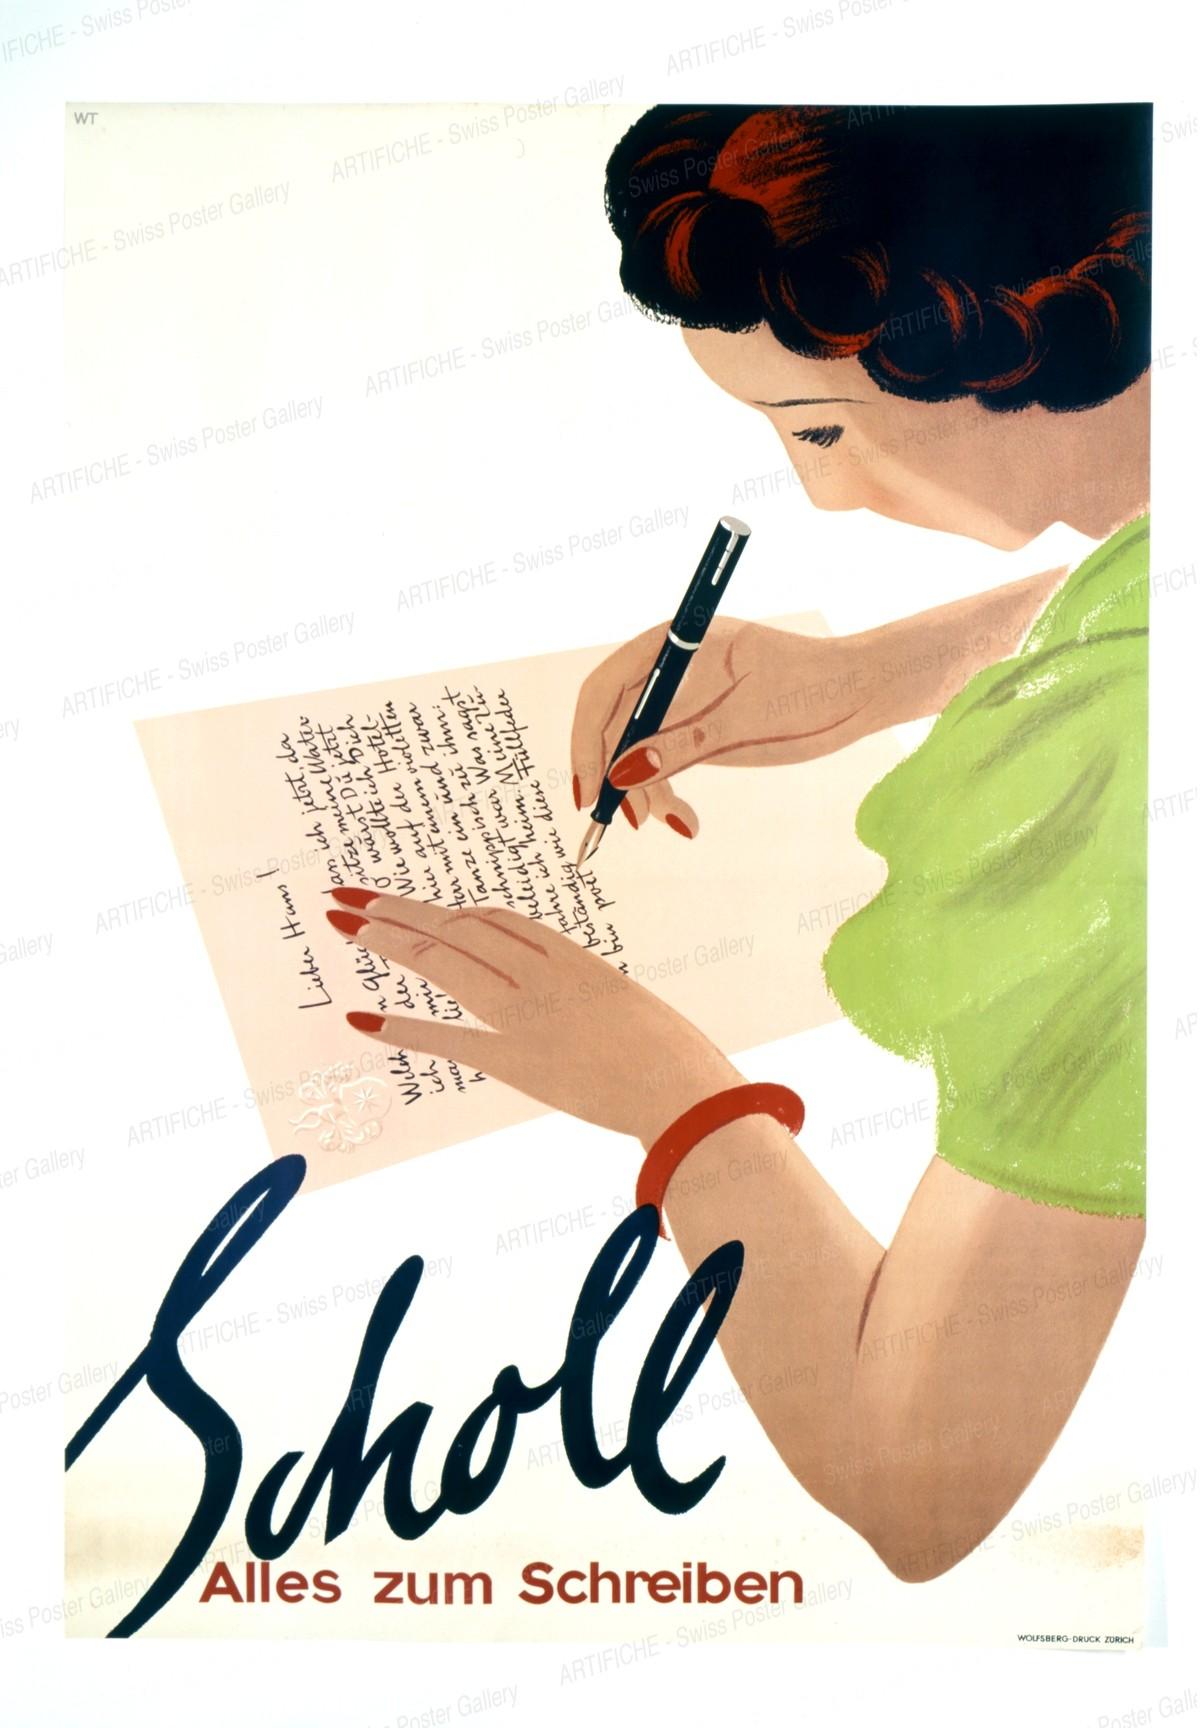 Scholl – Alles zum Schreiben, Willy Trapp